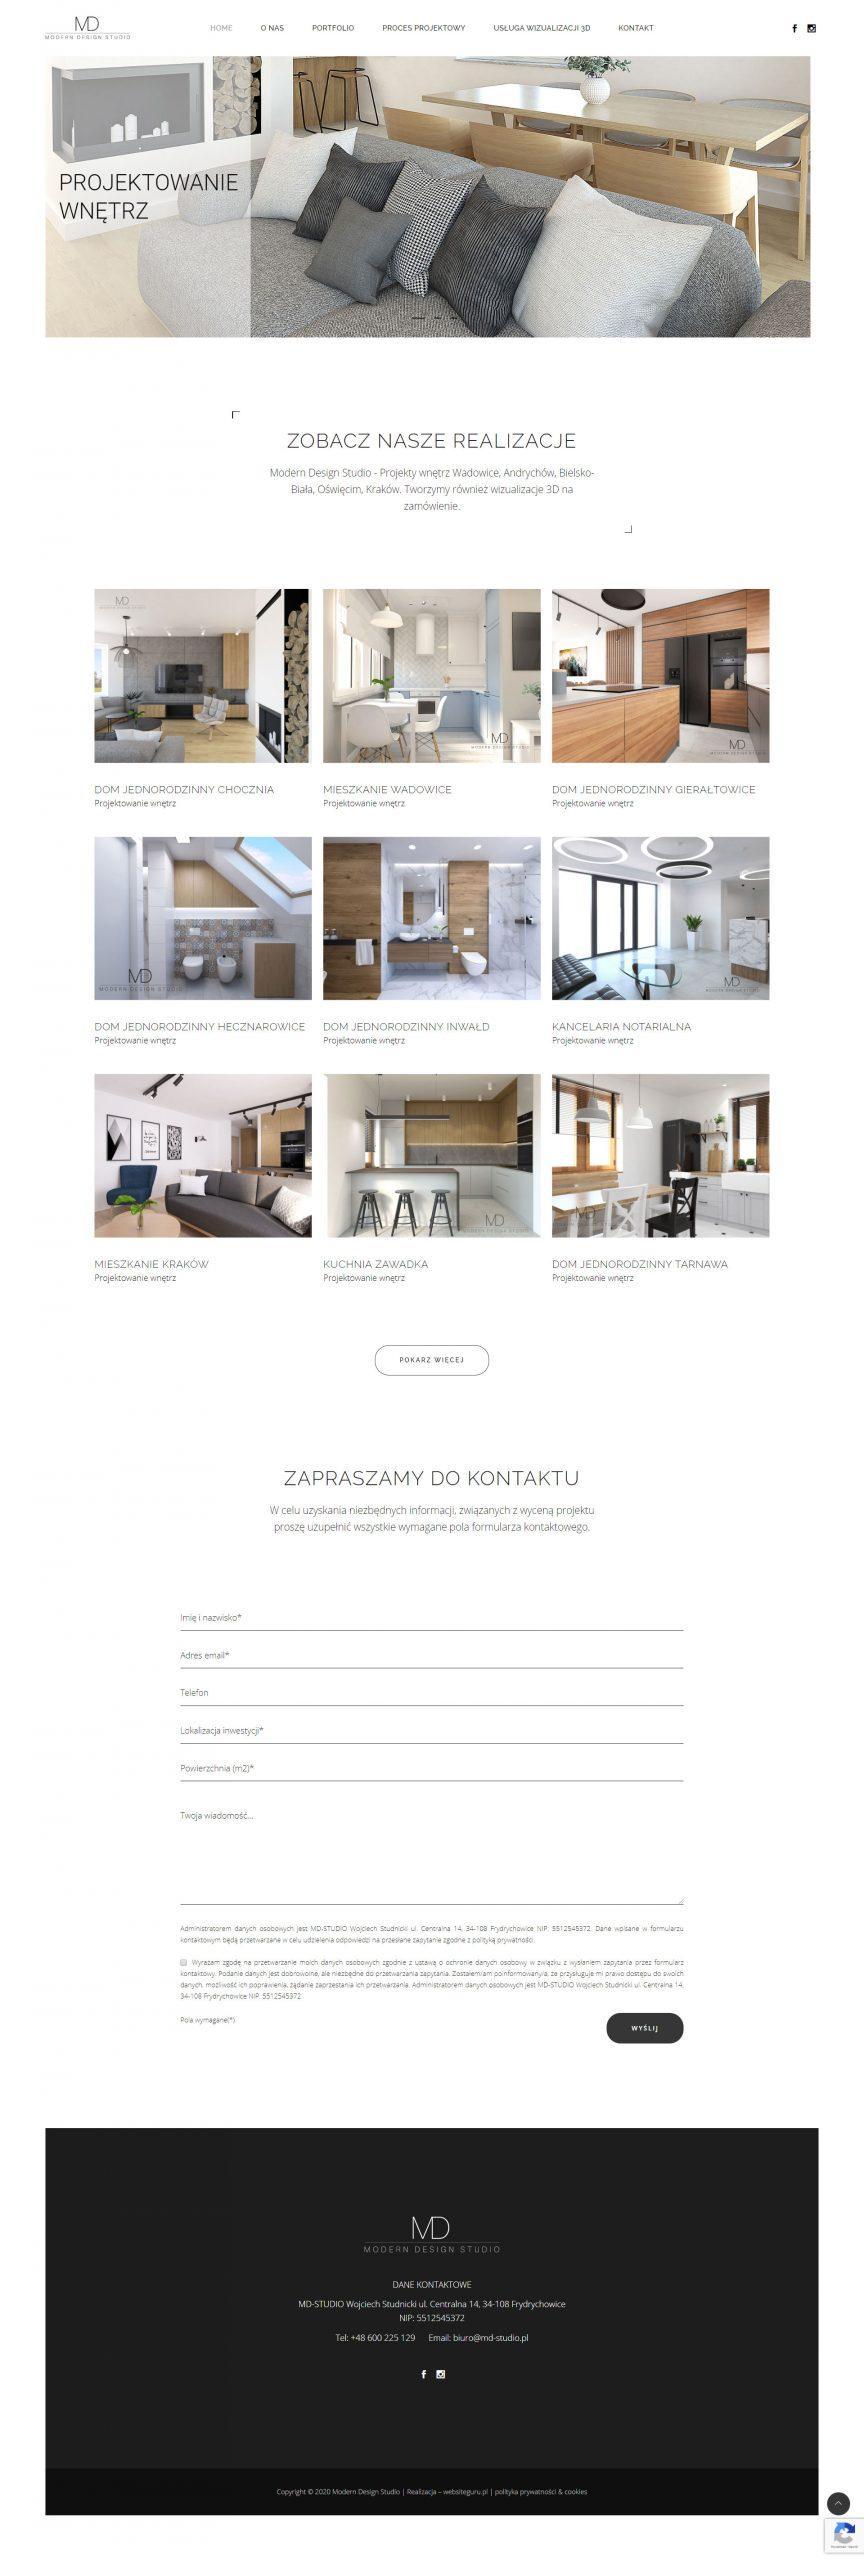 Projekt strony md-studio.pl wykonany przez websiteguru.pl